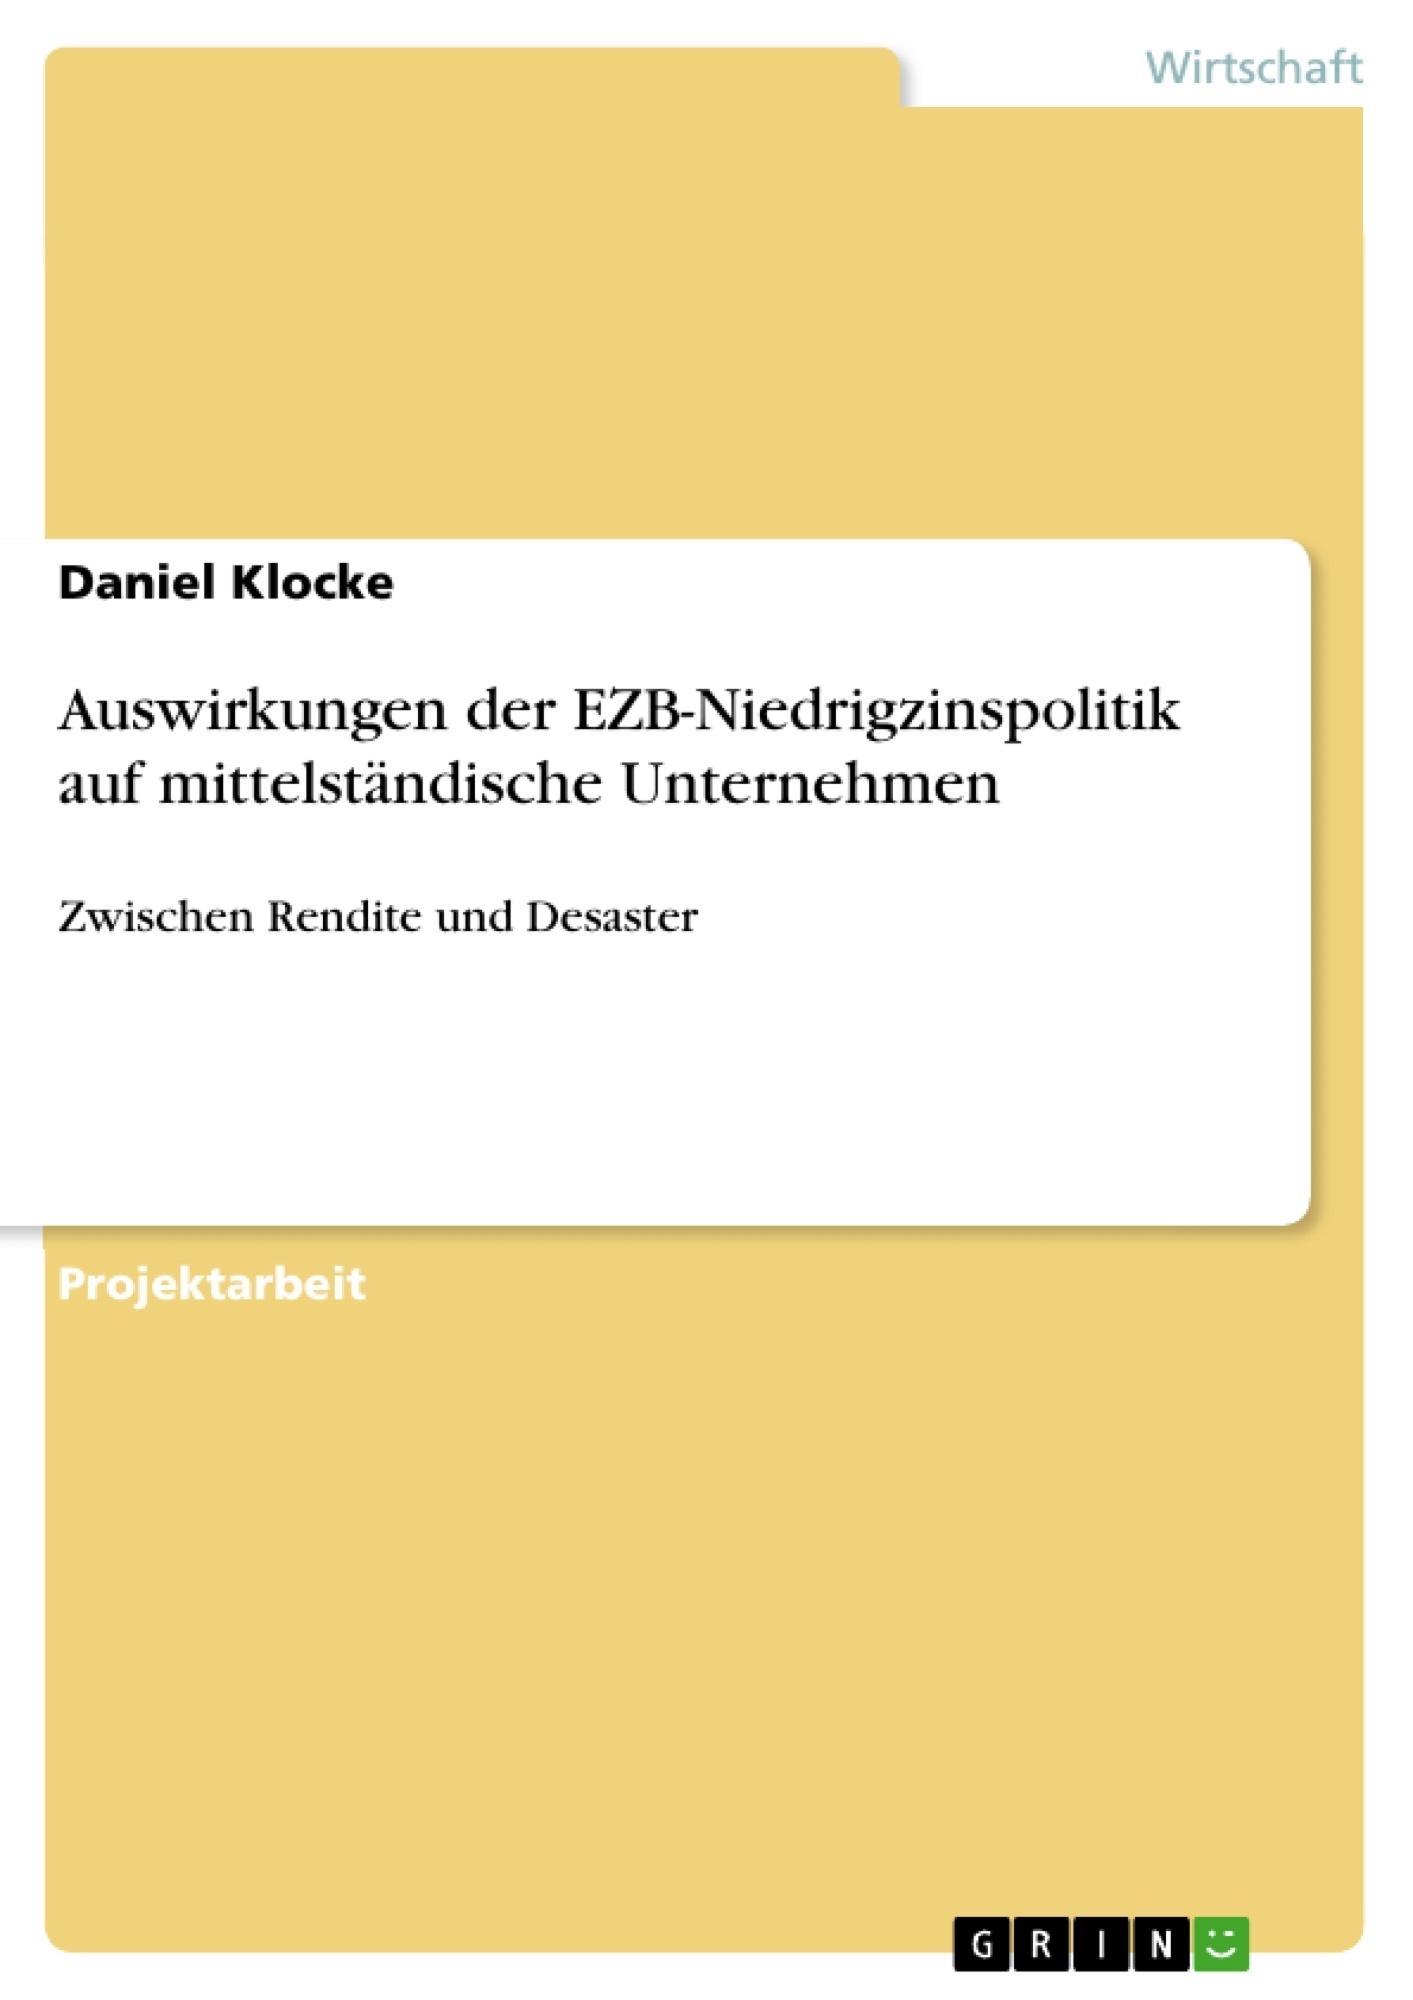 Titel: Auswirkungen der EZB-Niedrigzinspolitik auf mittelständische Unternehmen